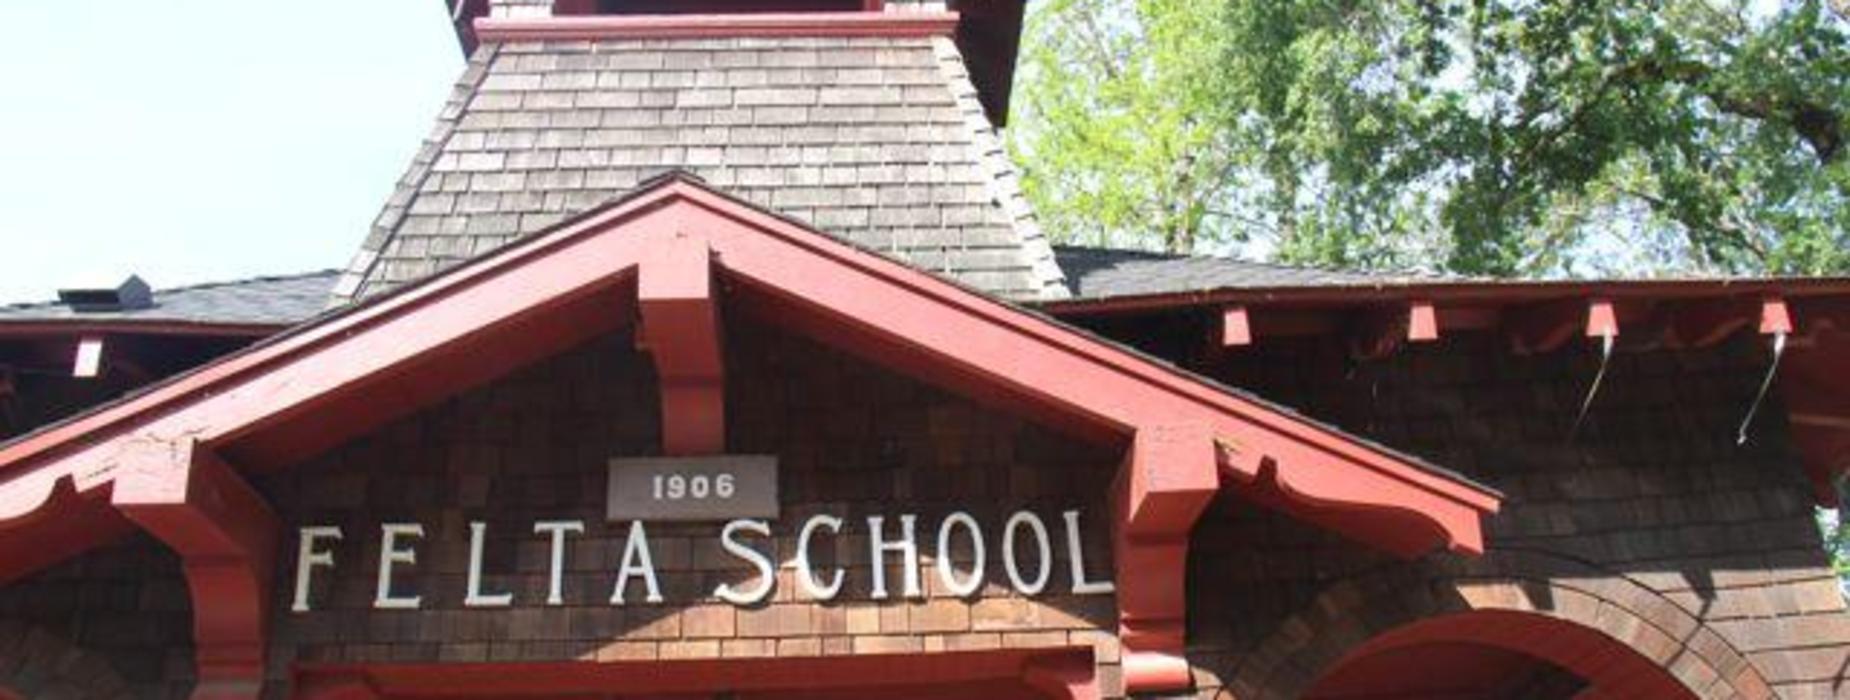 Felta Schoolhouse 1906